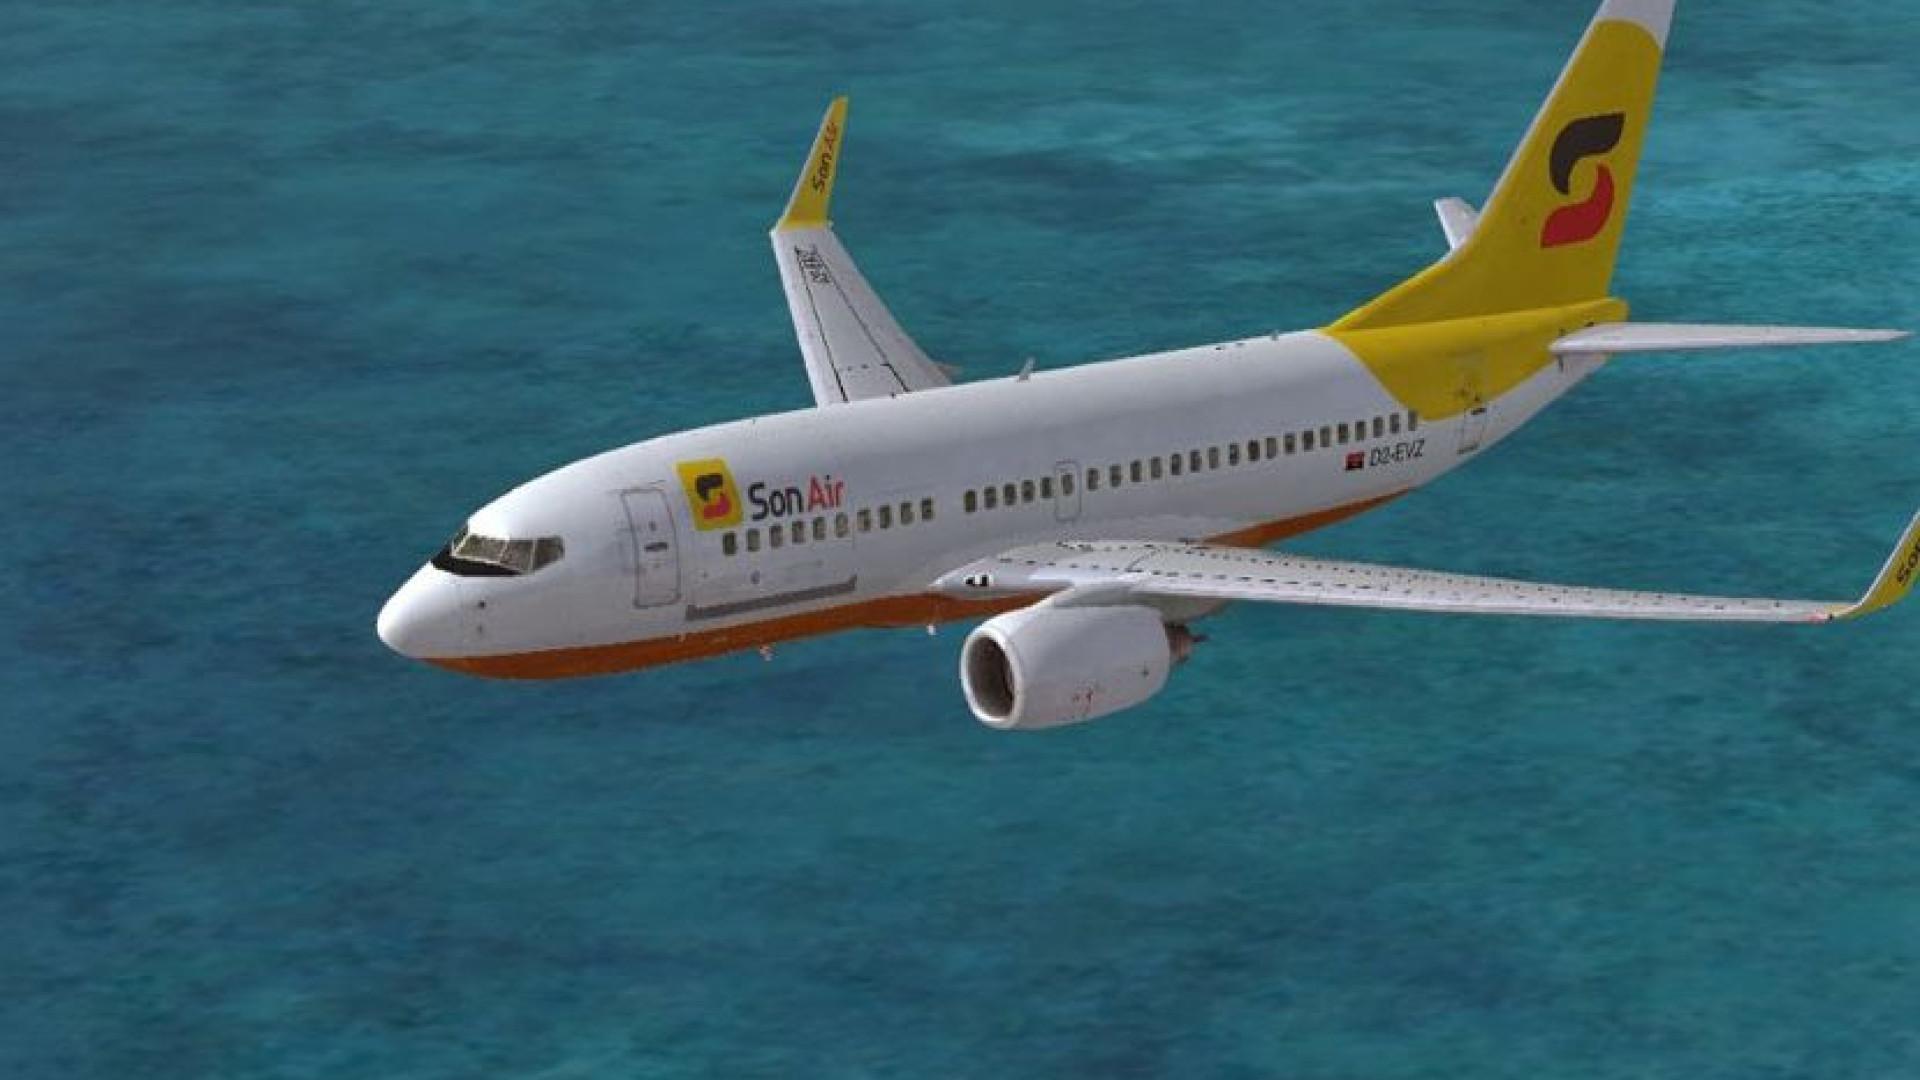 Companhias aéreas de Luxemburgo e Canadá apoiam relançamento da Sonair